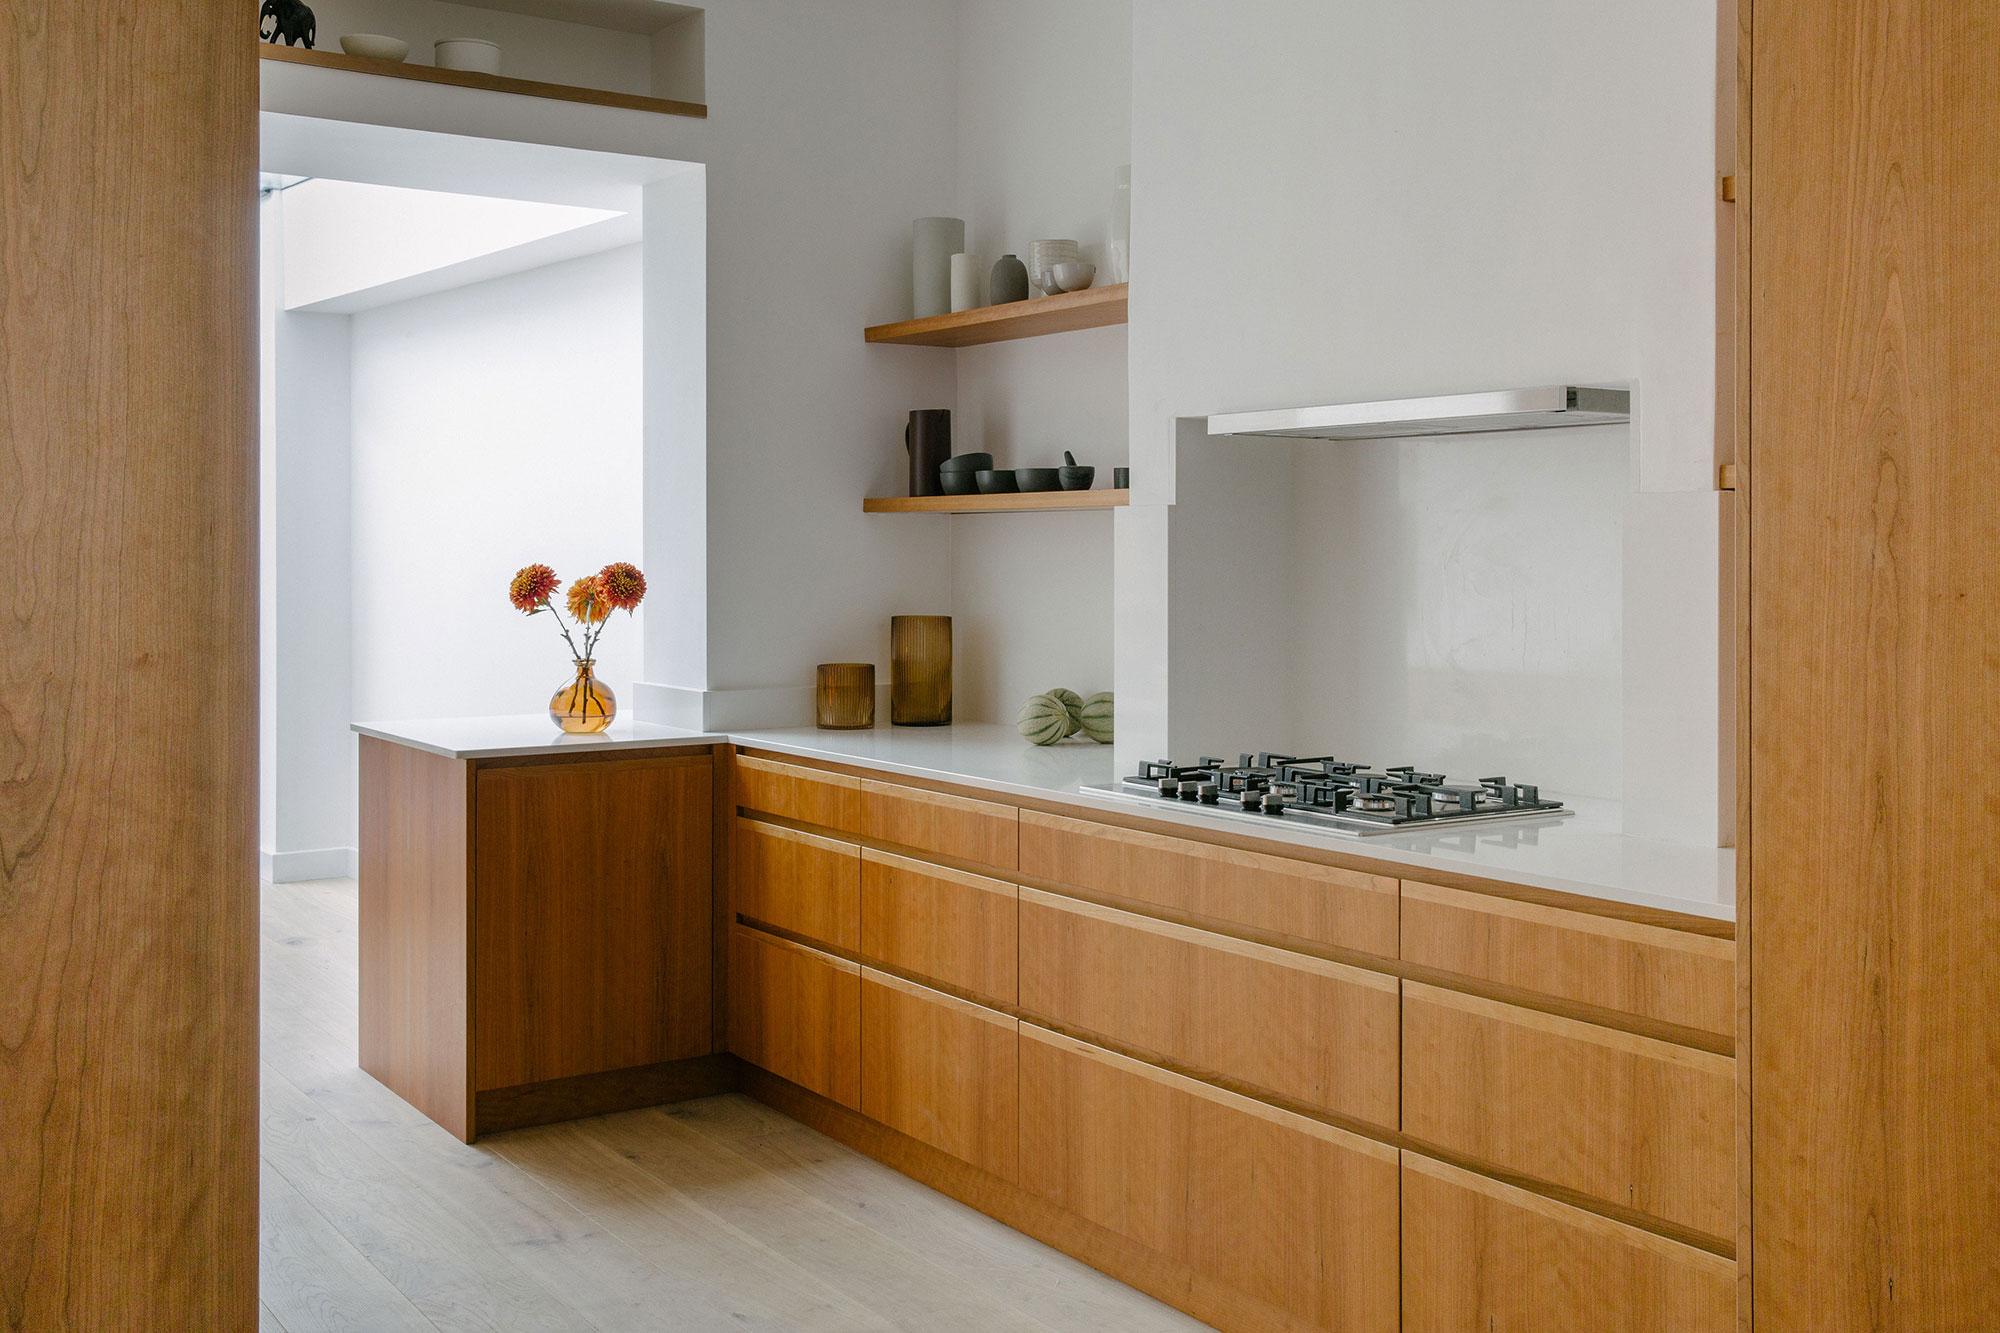 Kitchen Design Kentish Town - West & Reid